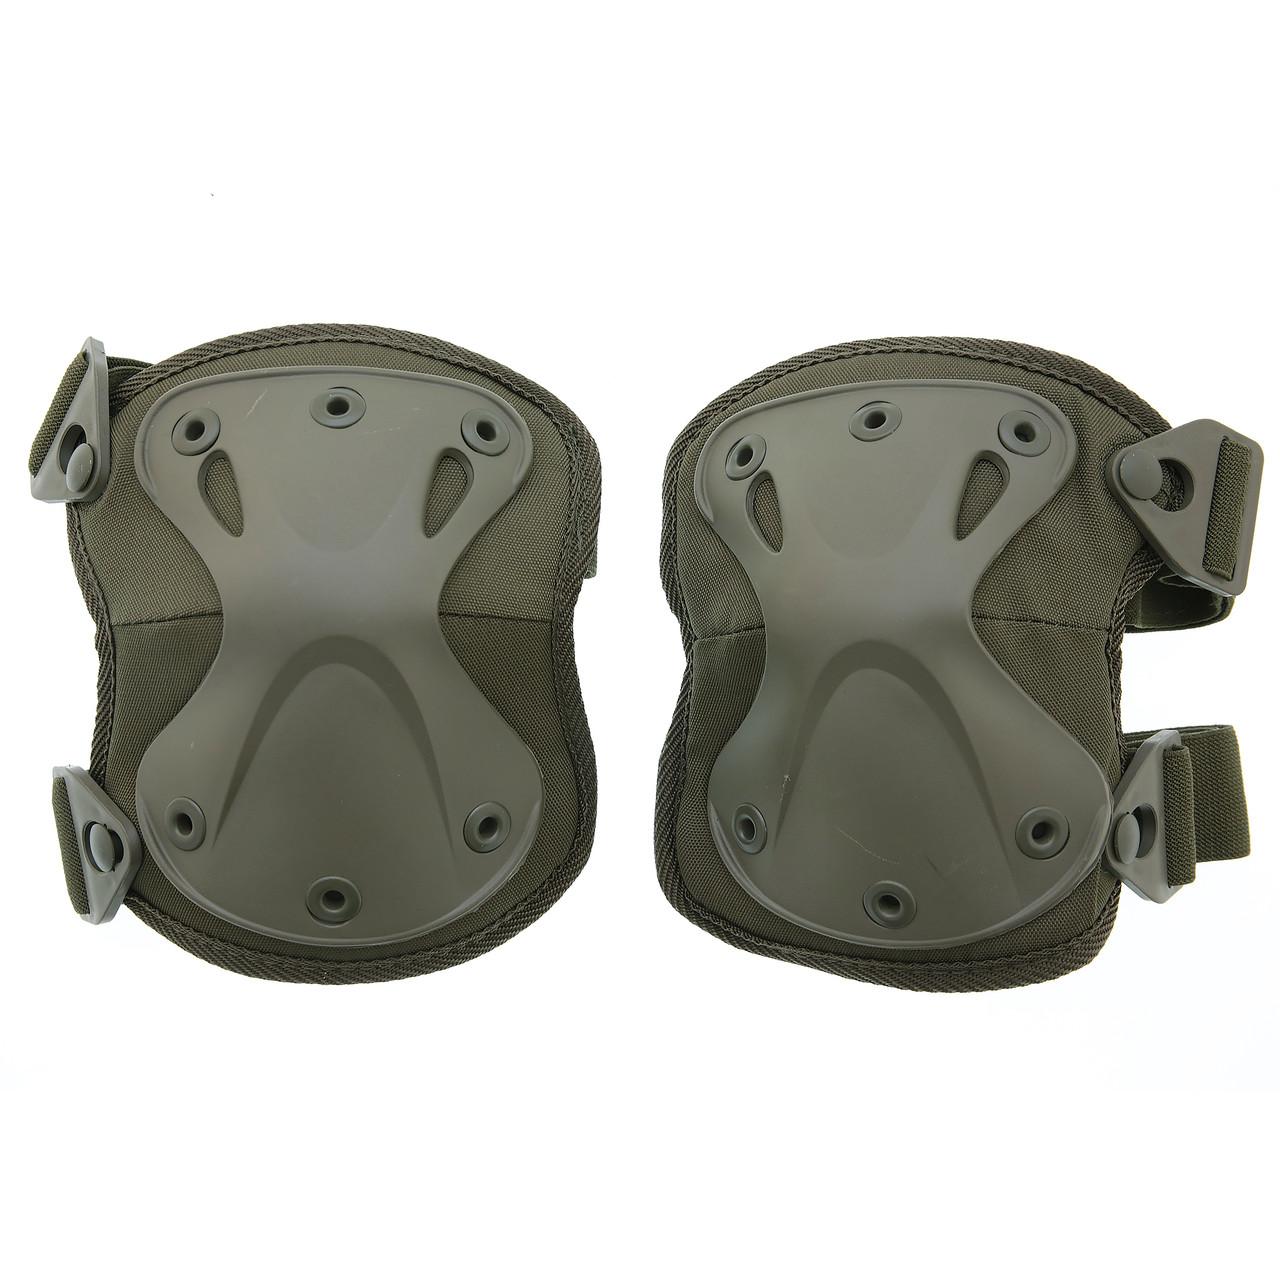 Наколенники армейские оливковые  MIL-TEC Protect Olive  16231301